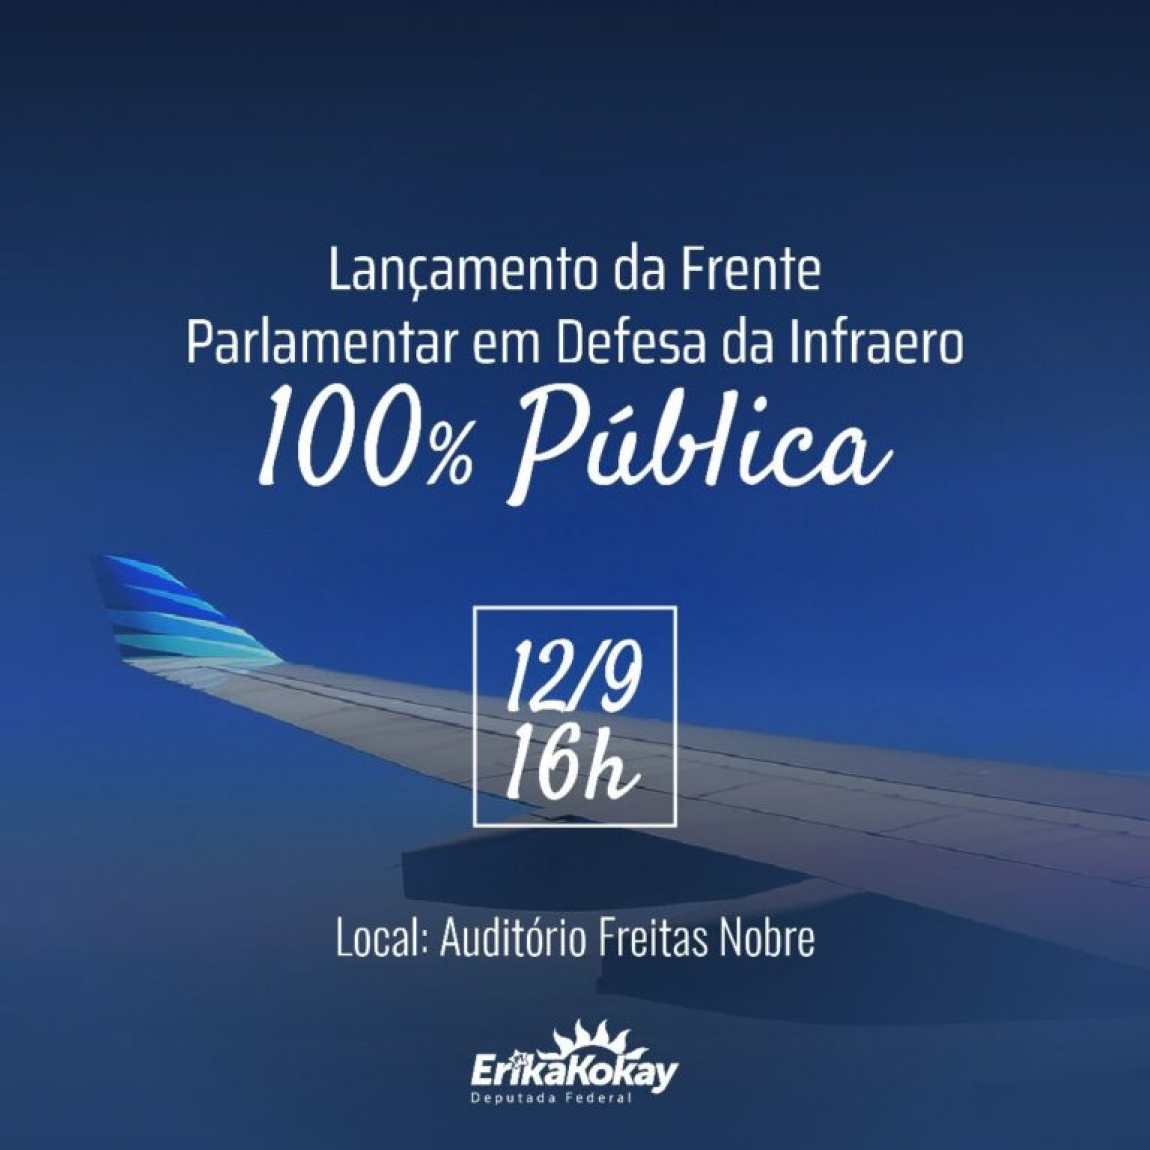 Imagem de Brasília: Frente Parlamentar em defesa da Infraero 100% pública será lançada